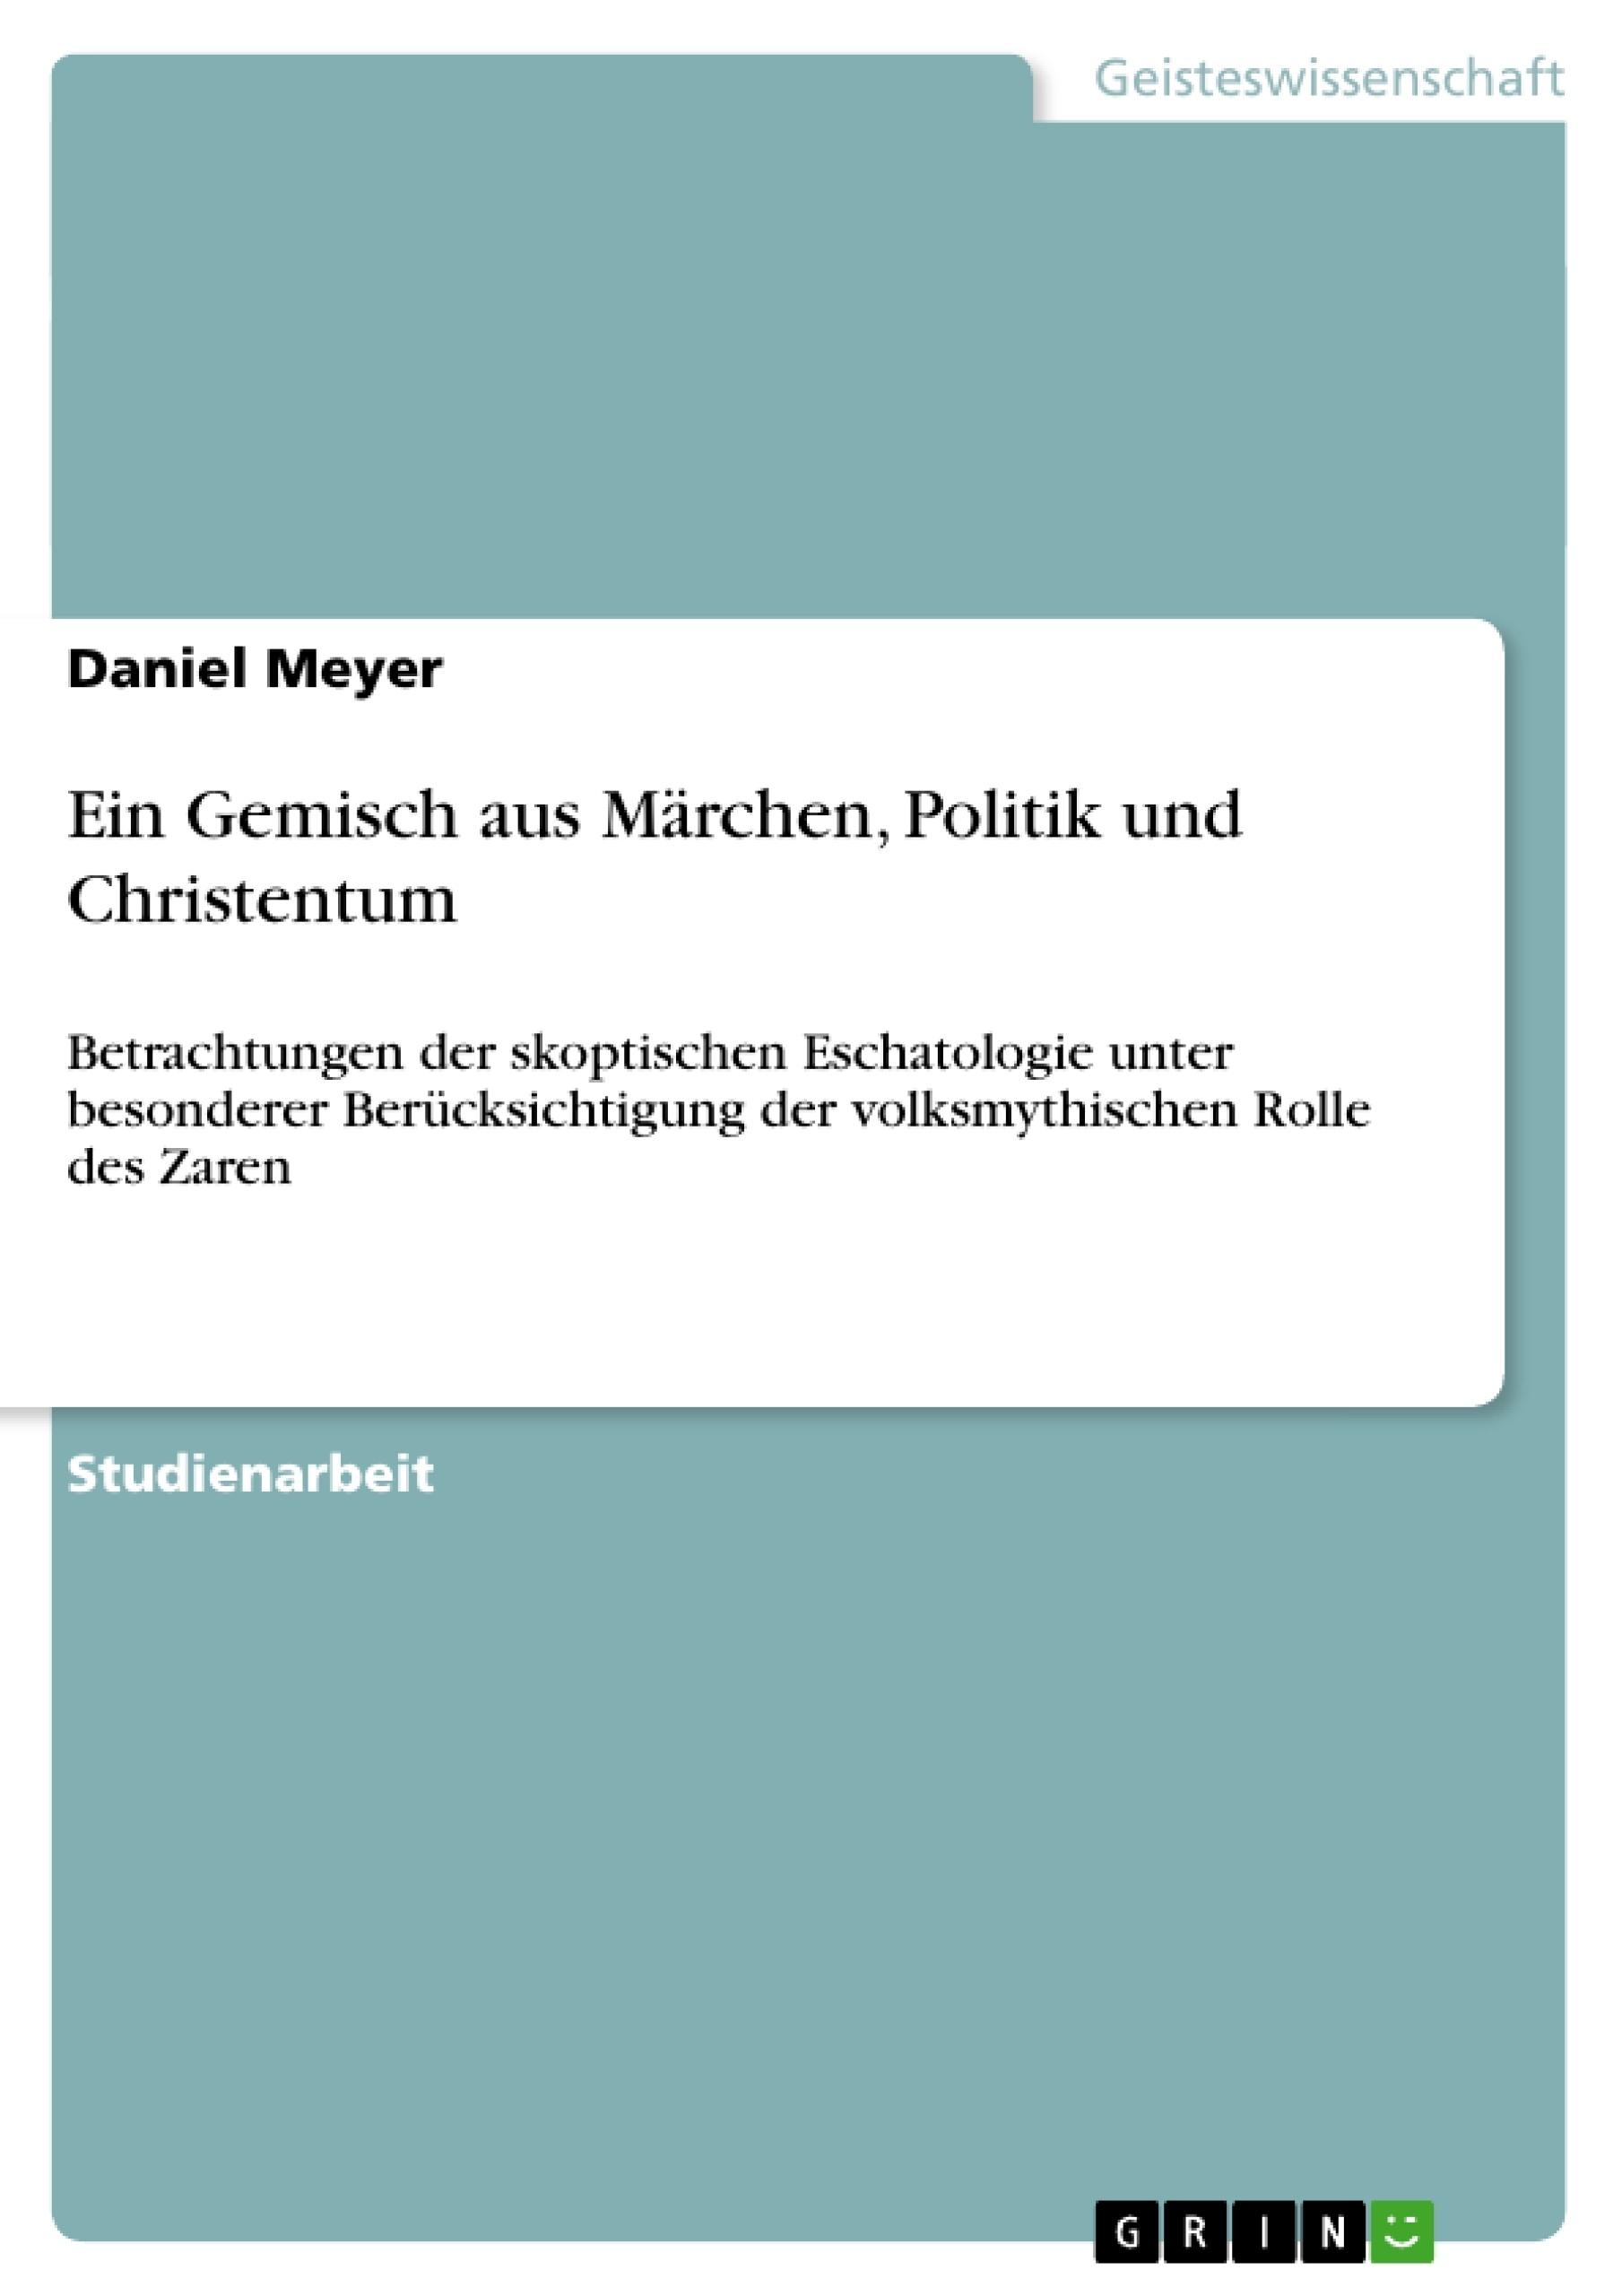 Titel: Ein Gemisch aus Märchen, Politik und Christentum